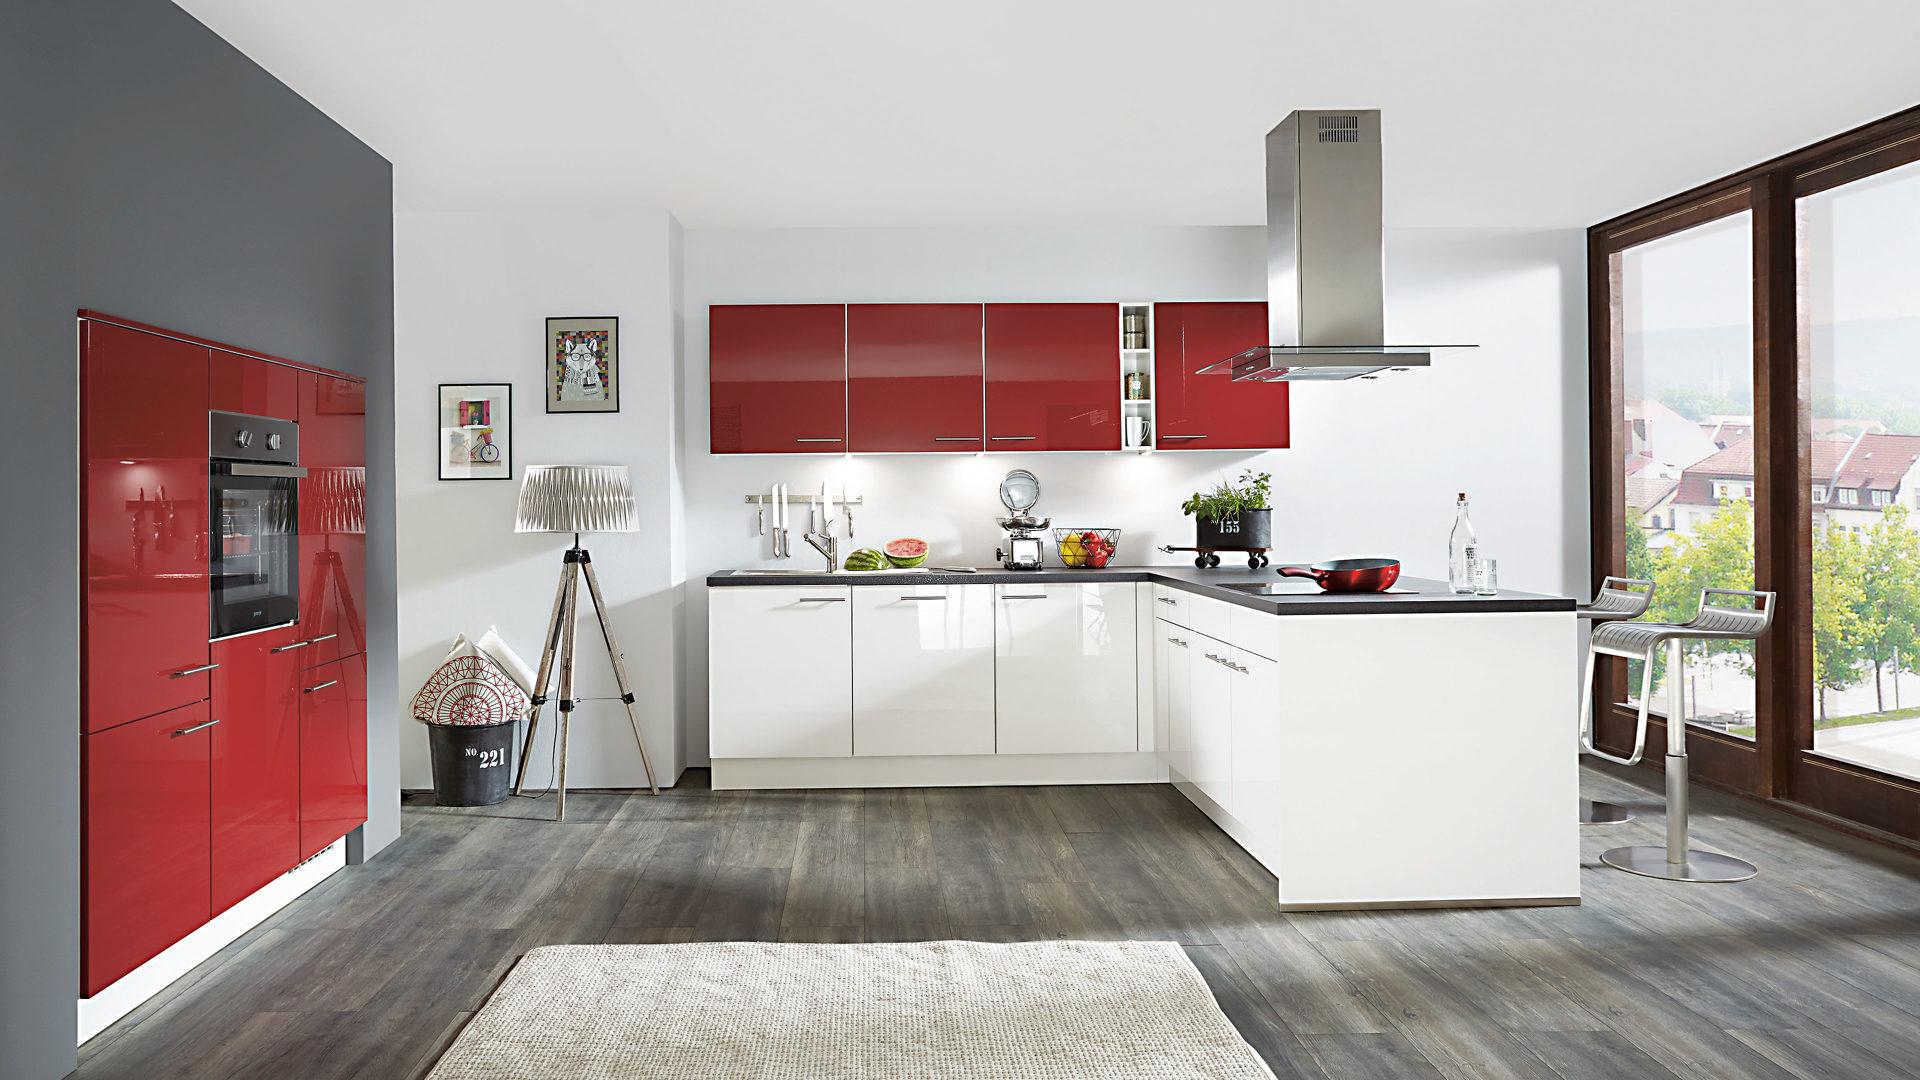 Wunderbar Weiß Küchenarbeitsplatte Ideen Bilder - Küche Set Ideen ...